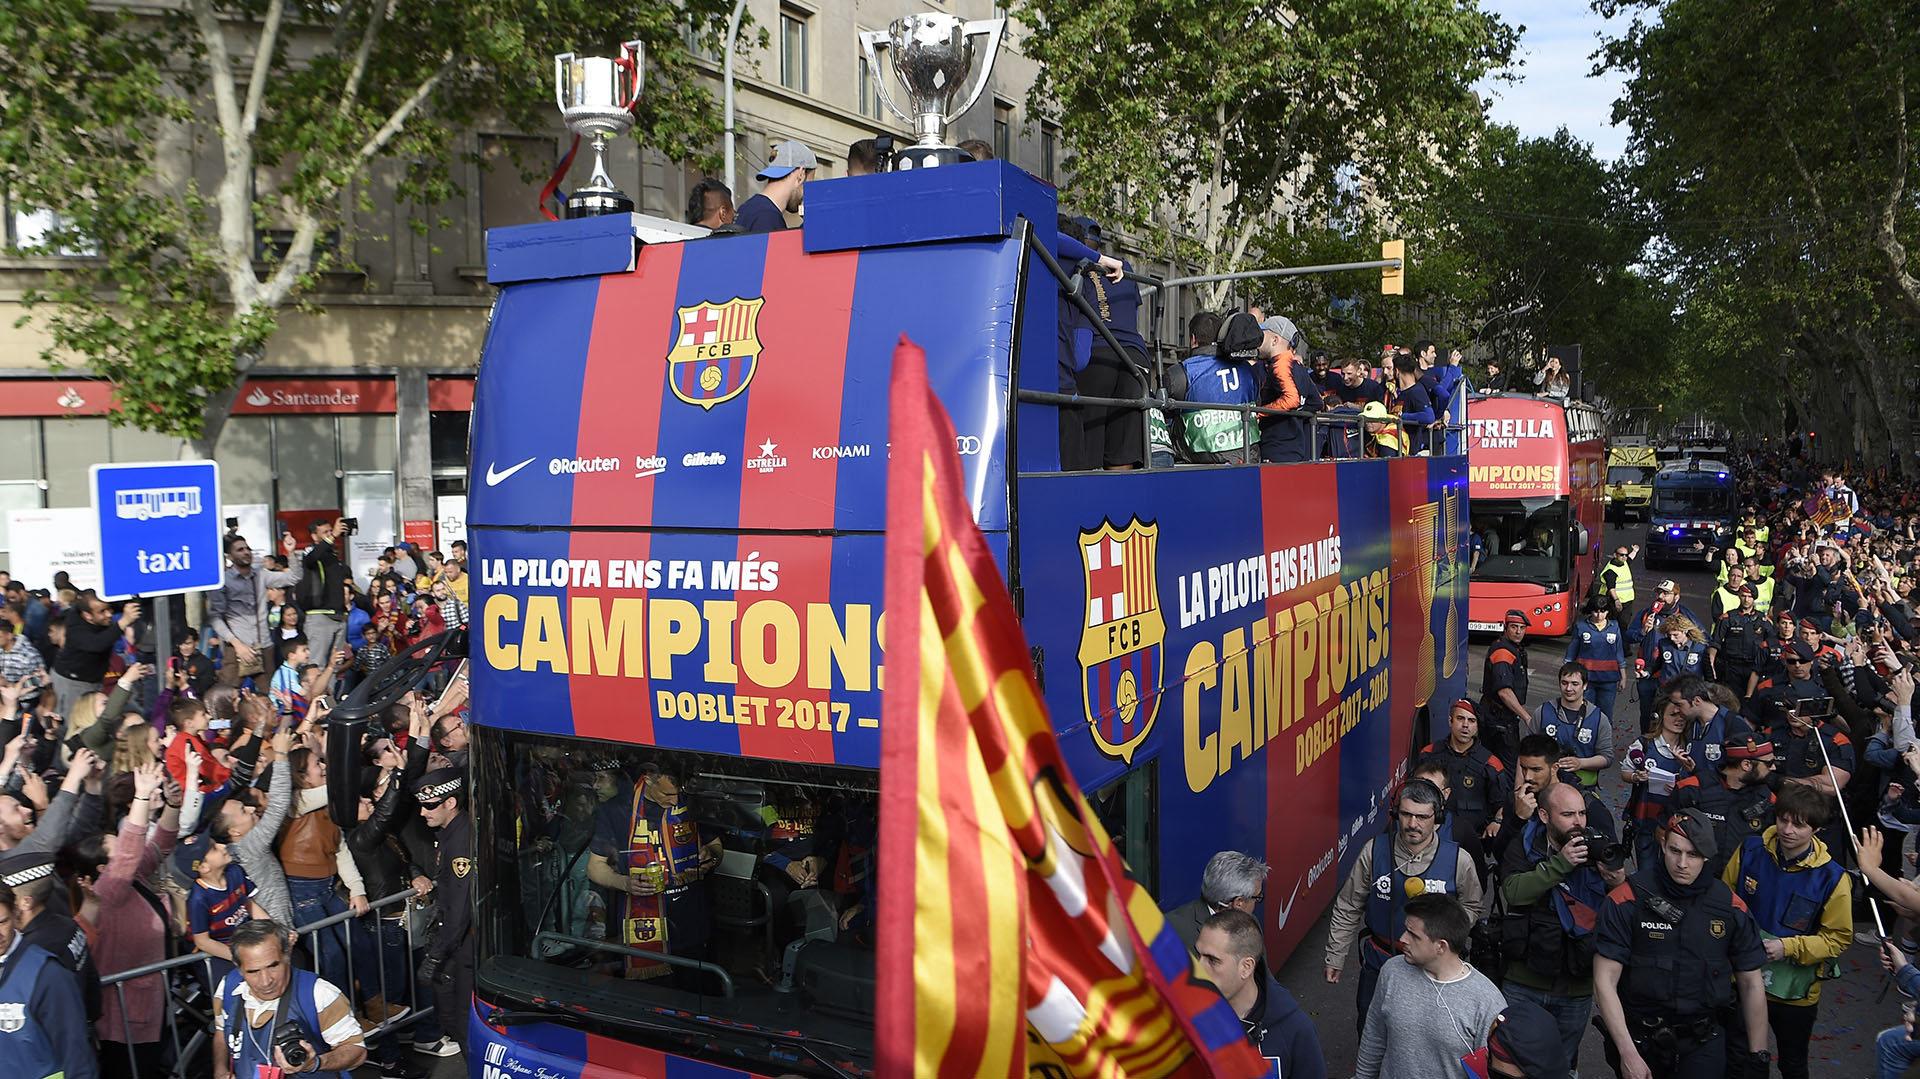 El Barcelona se consagró campeón de La Liga este fin de semana